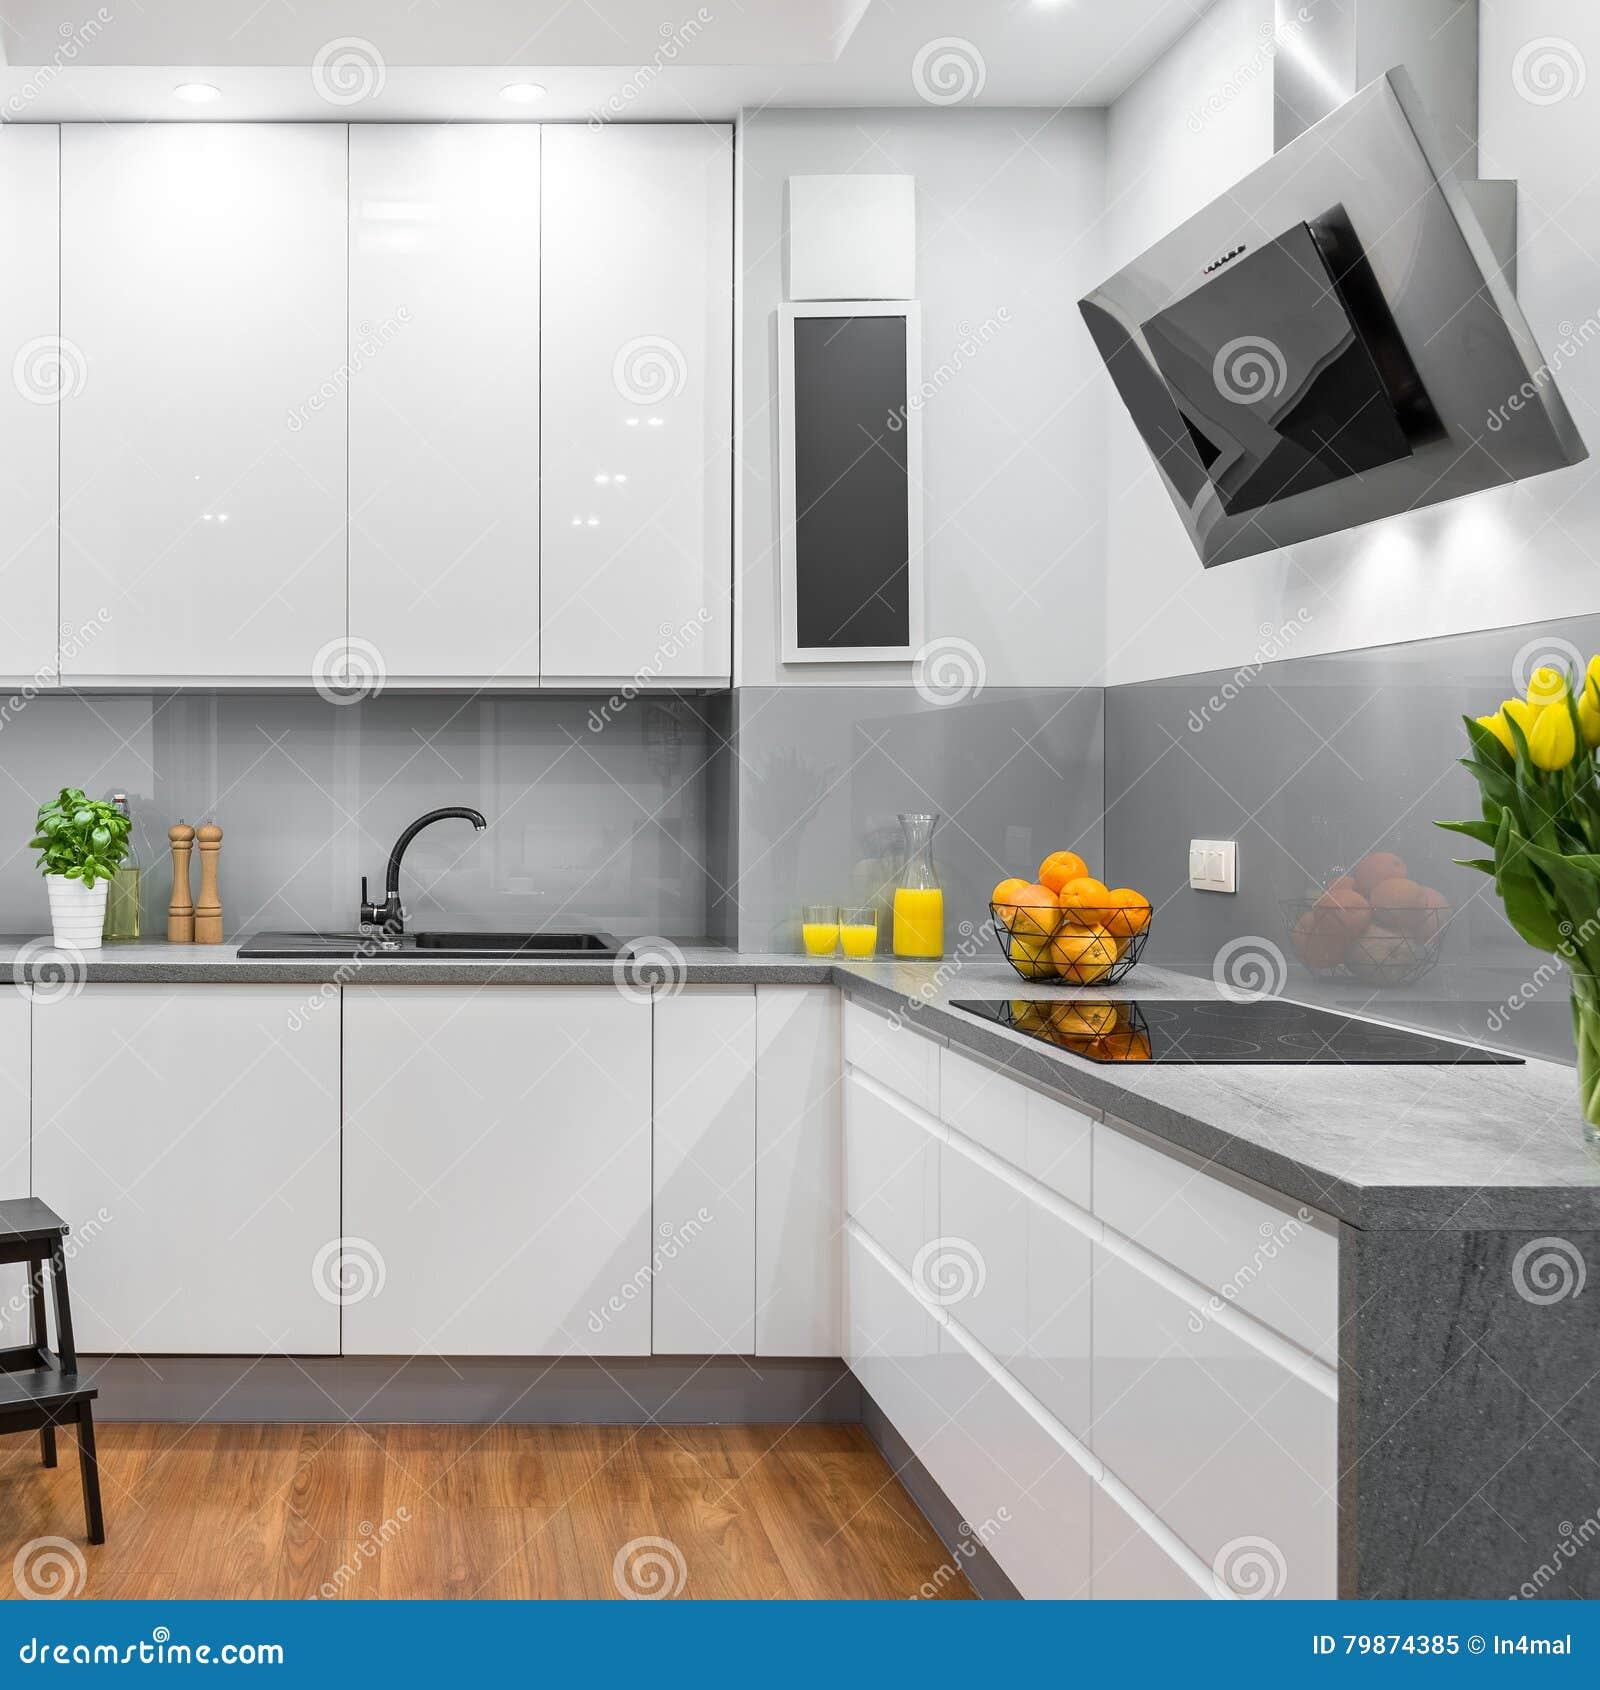 Cucina Bianca Nello Stile Moderno Immagine Stock - Immagine ...